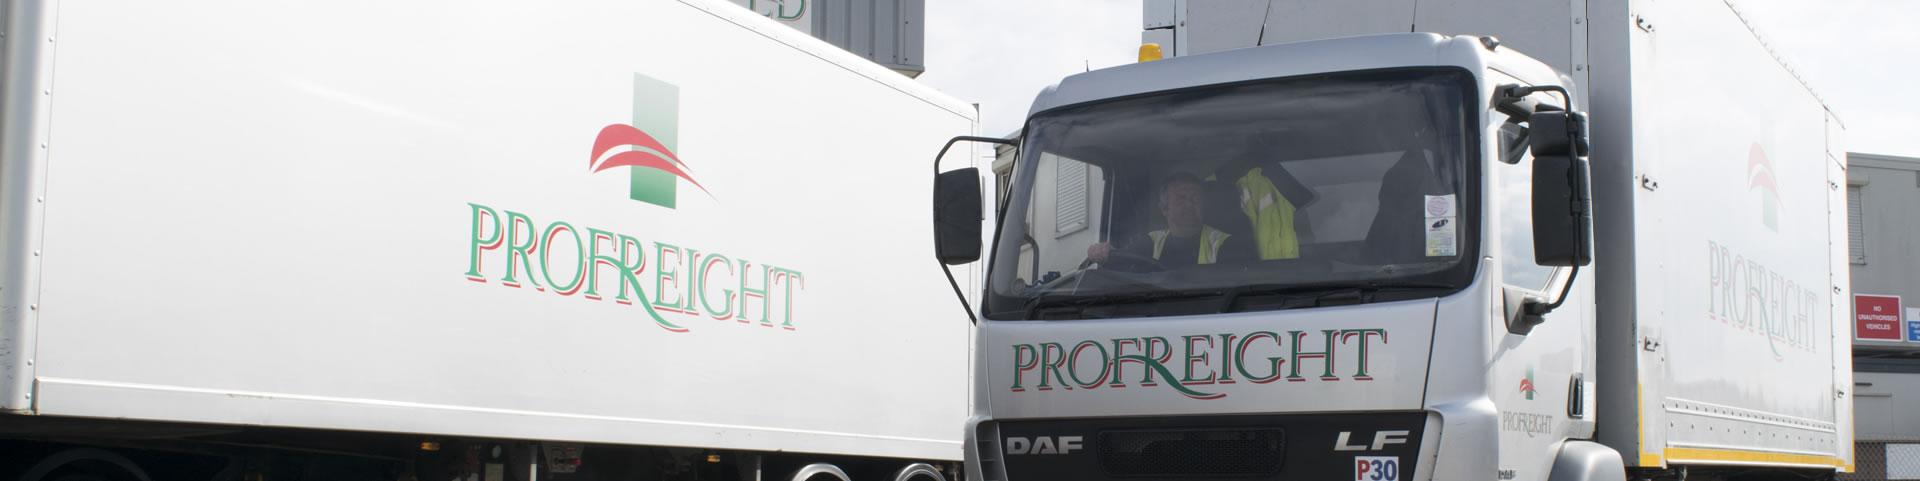 Profreight trucks